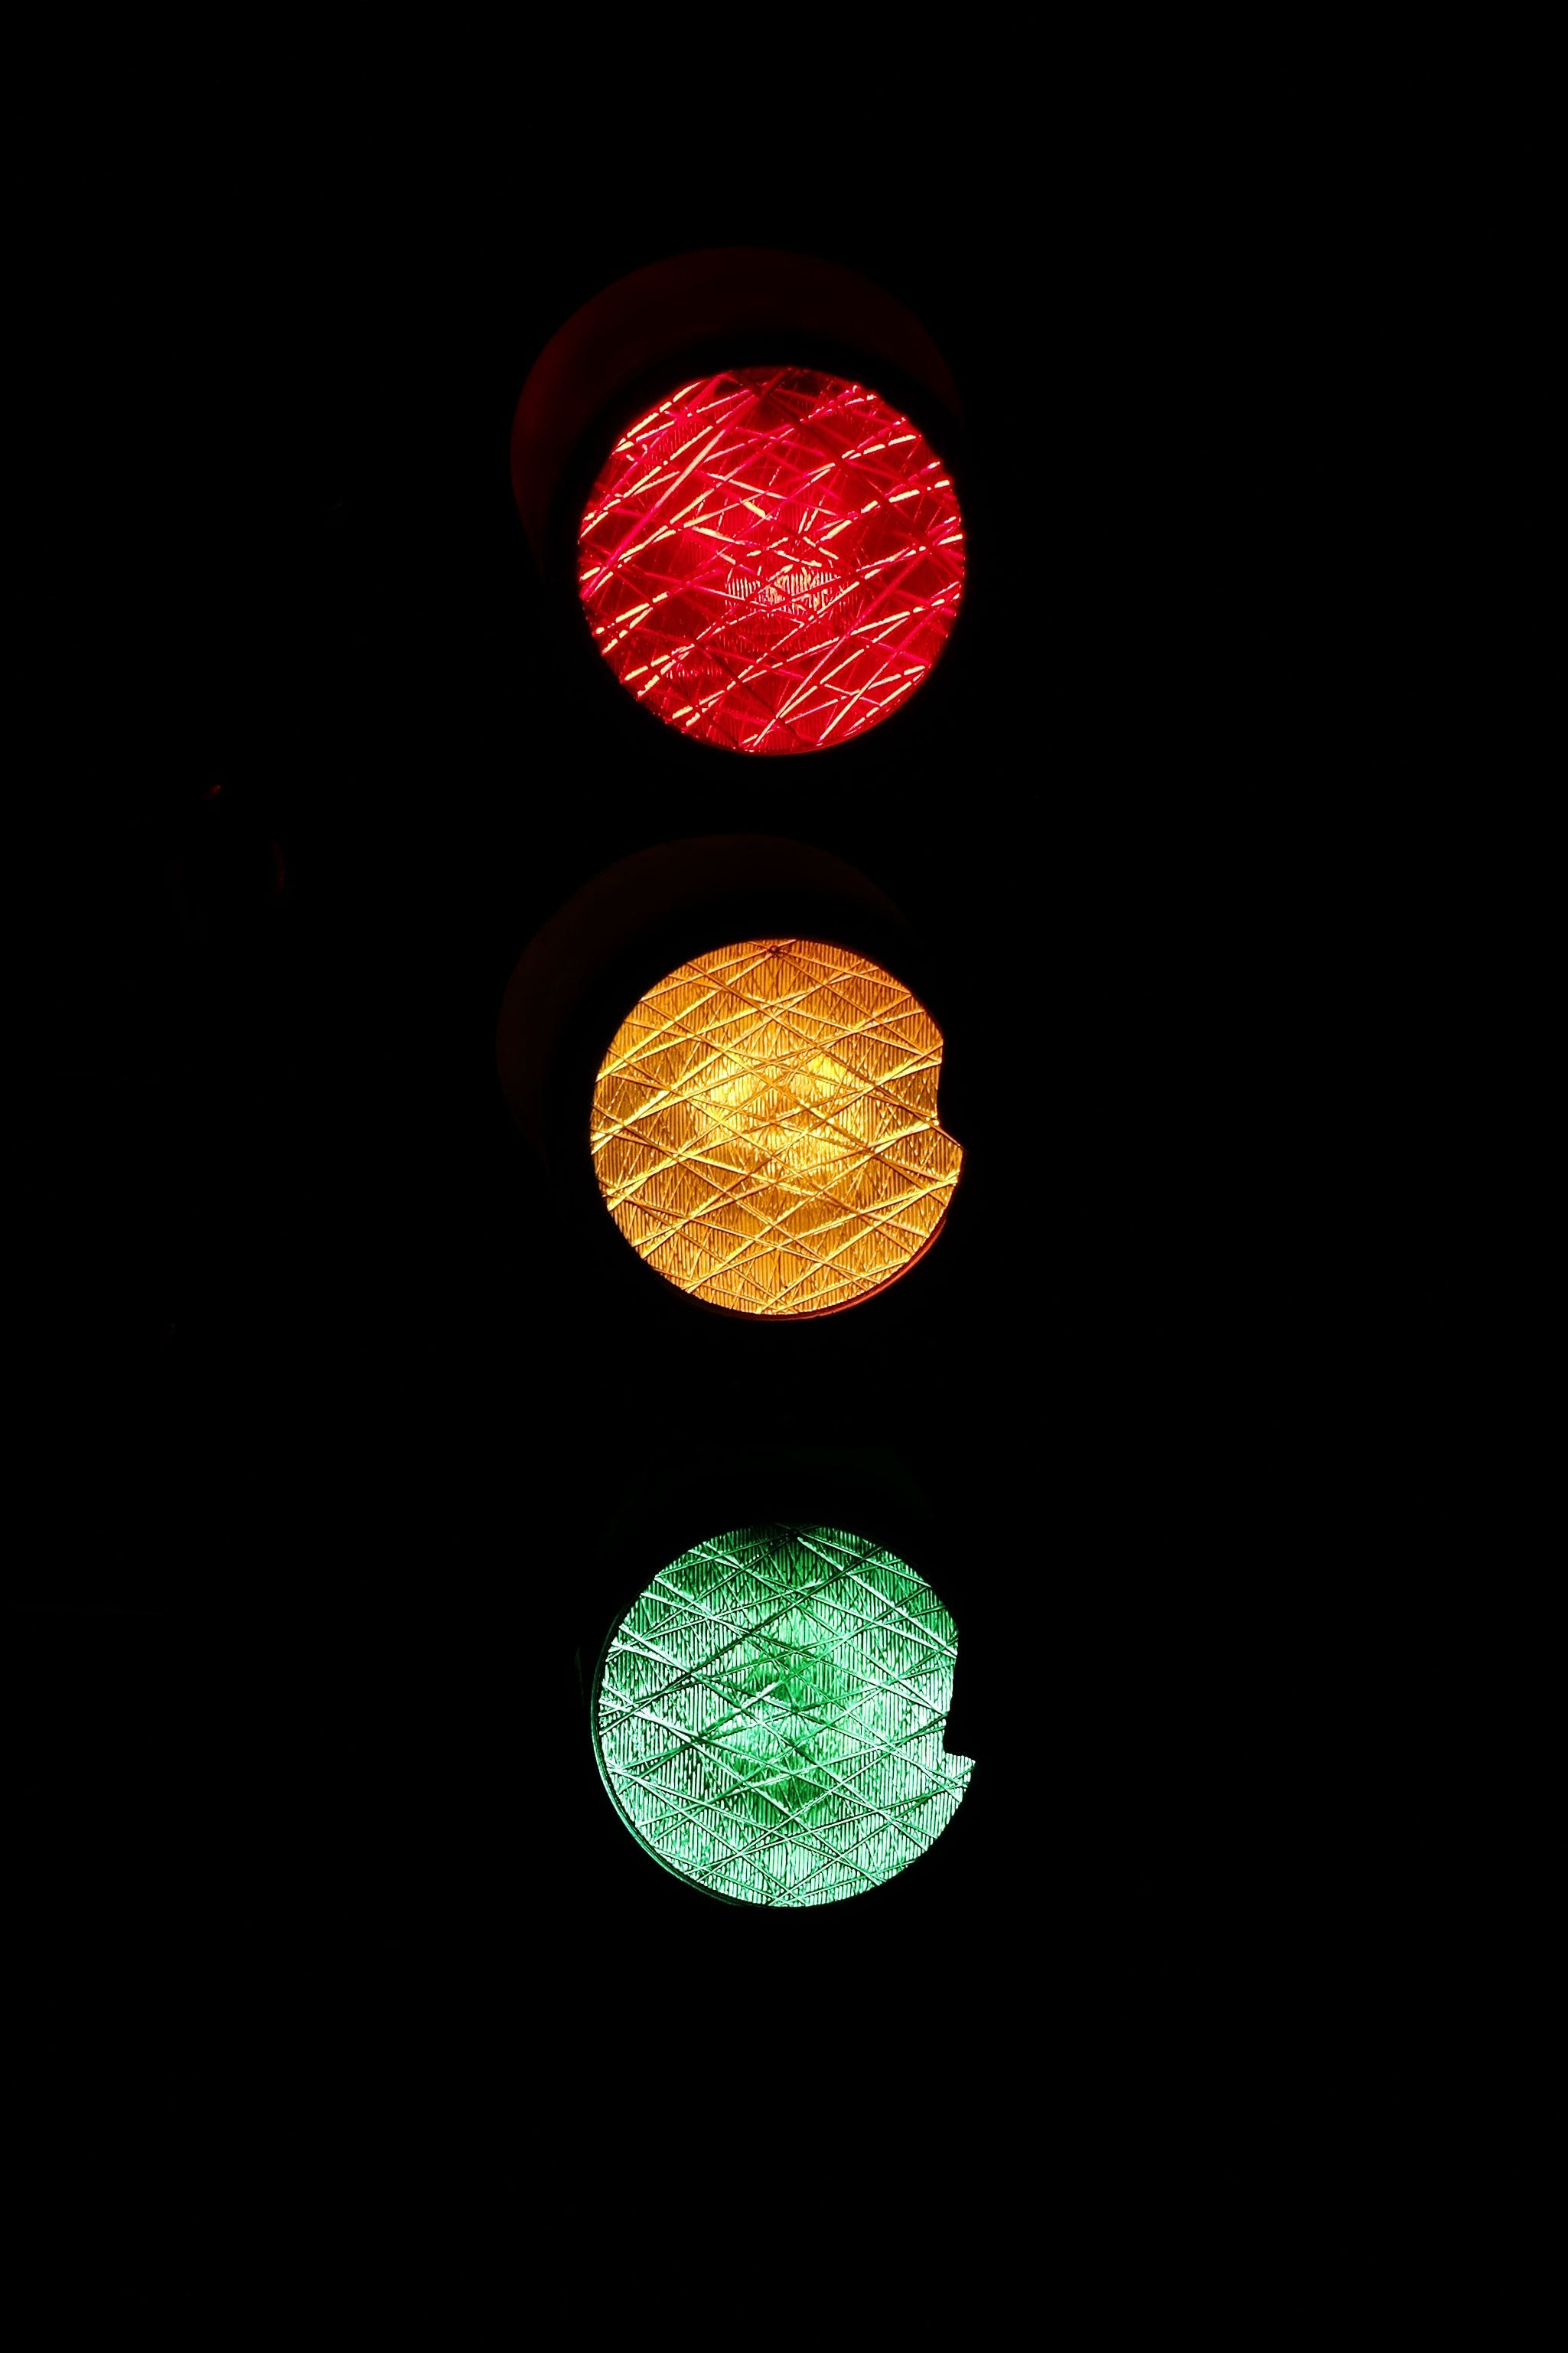 Gratis lagerfoto af lys, lyssignal, rødt lys, Stop